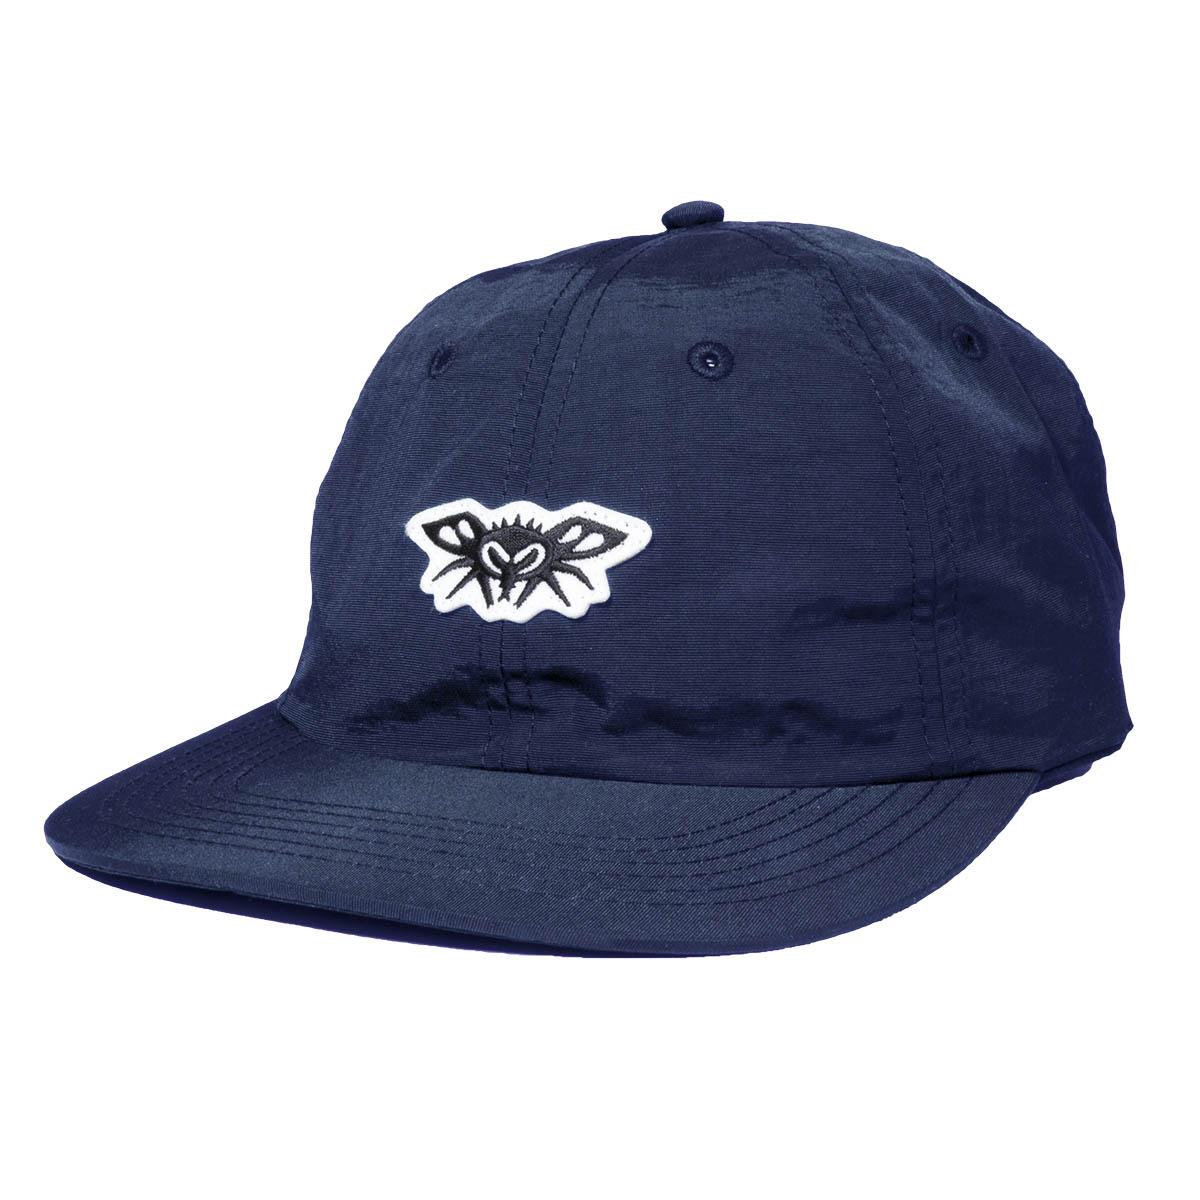 PHANTOM FLAT VISOR NYLON CAP